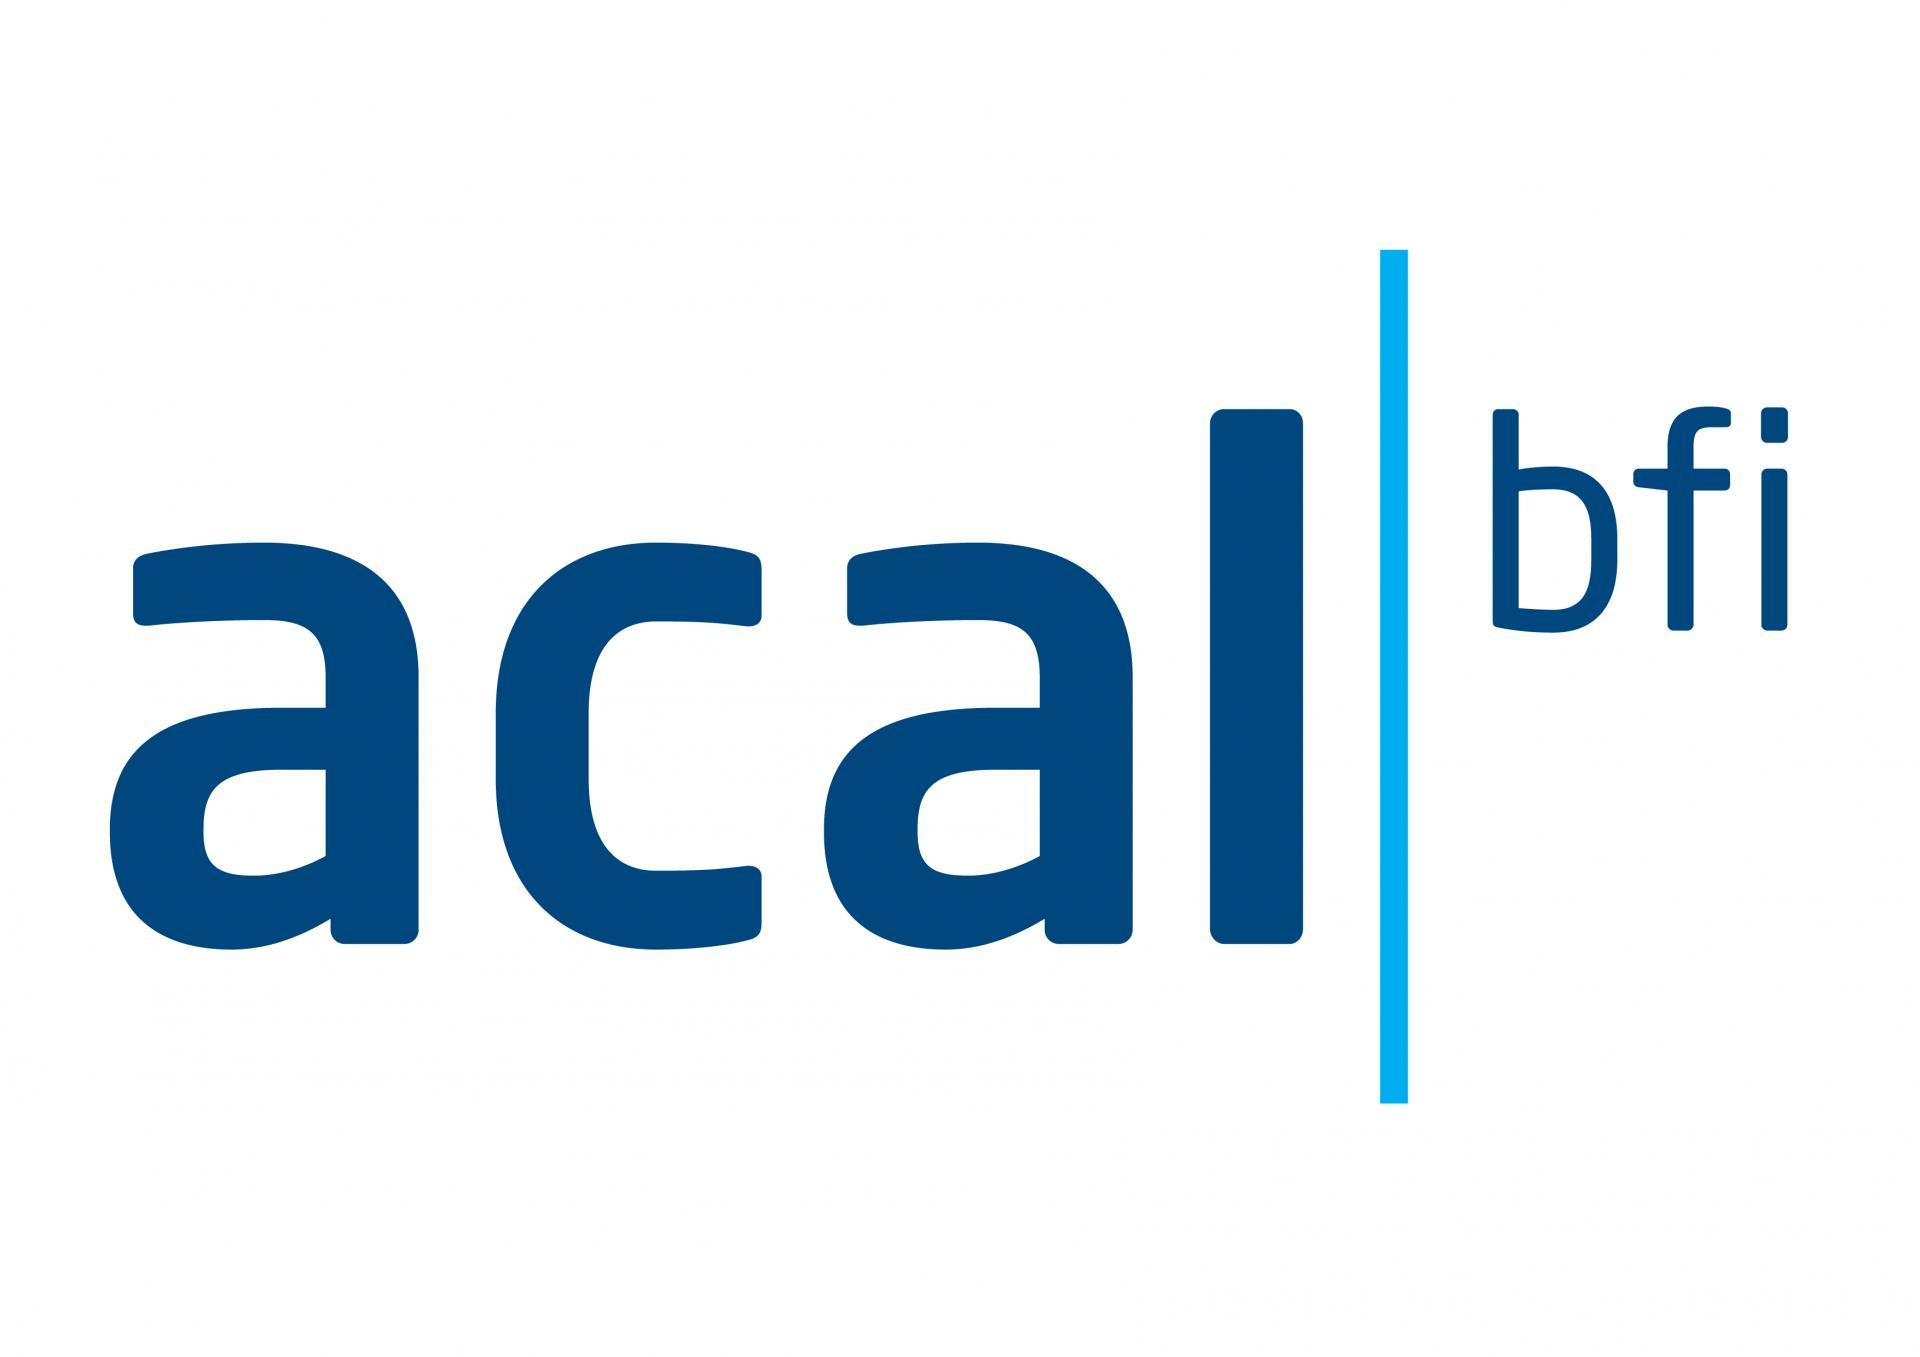 acalbfi